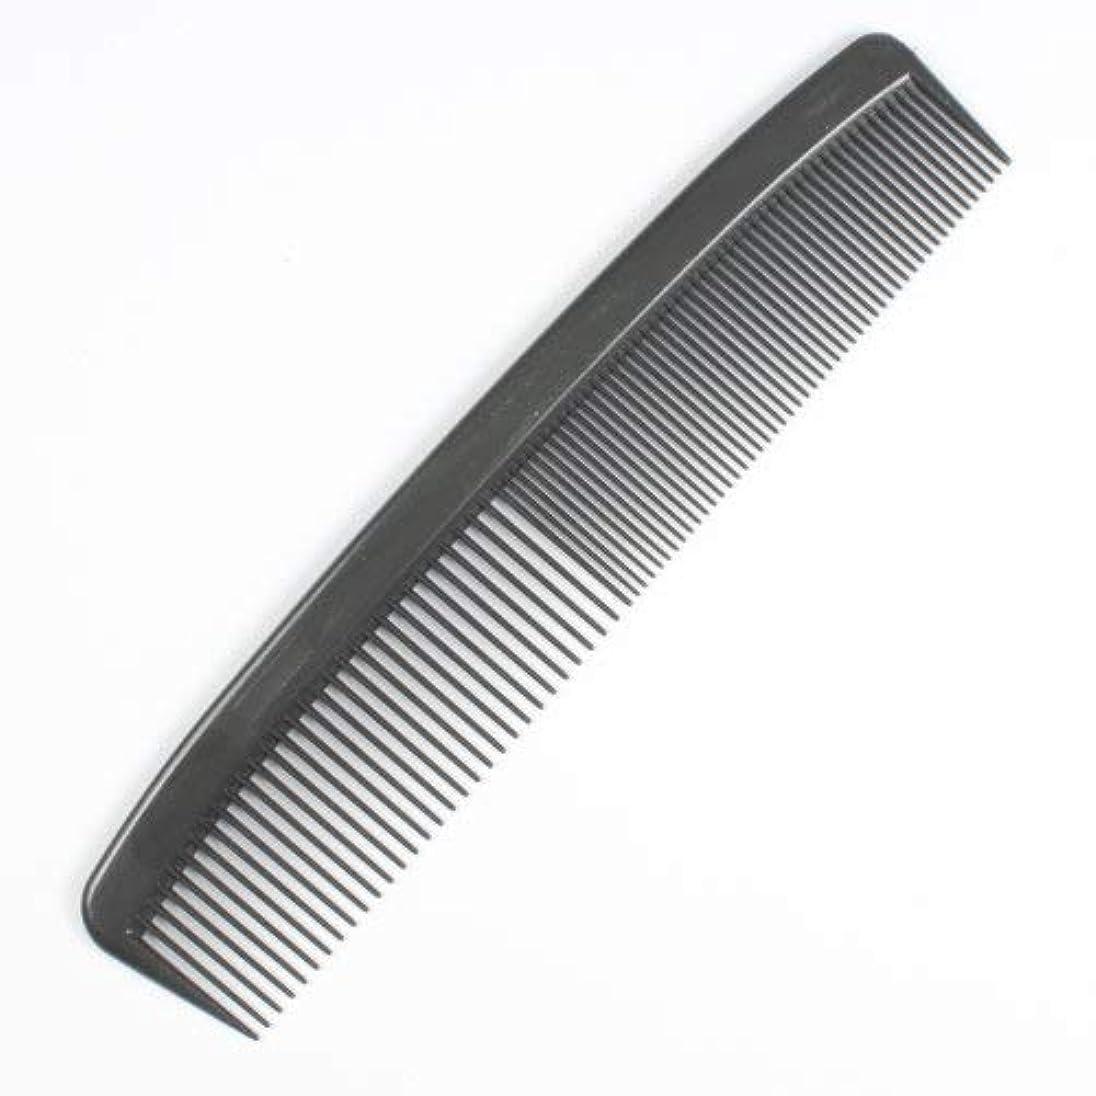 布微生物リフレッシュDynarex Adult Combs, 5 Inches, Black, 240 Count [並行輸入品]